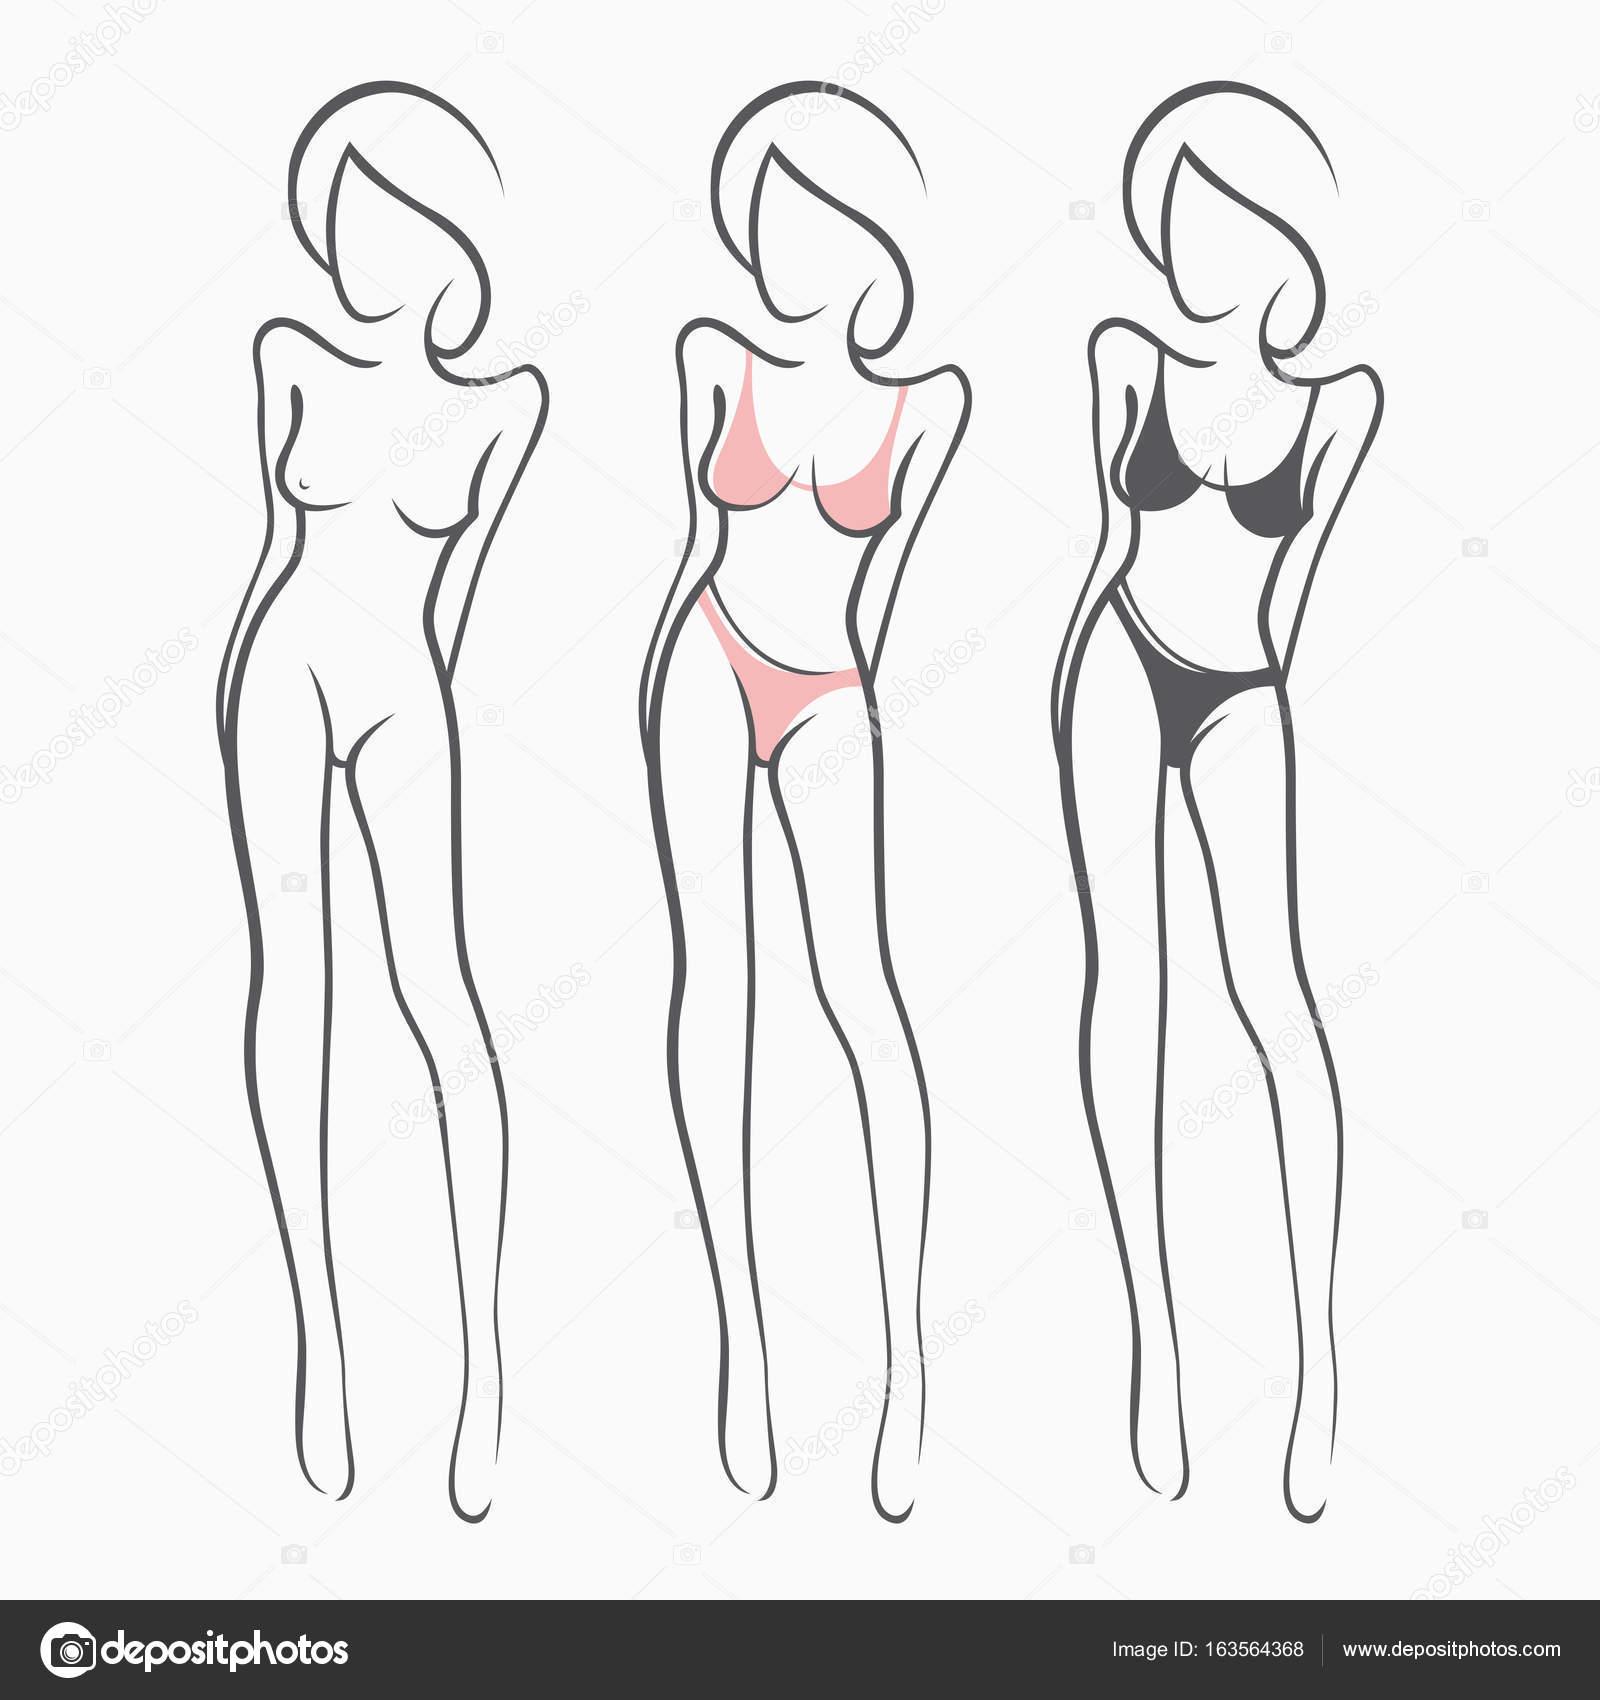 poses-sexy-desnudas-dschungle-bj-xxgifs